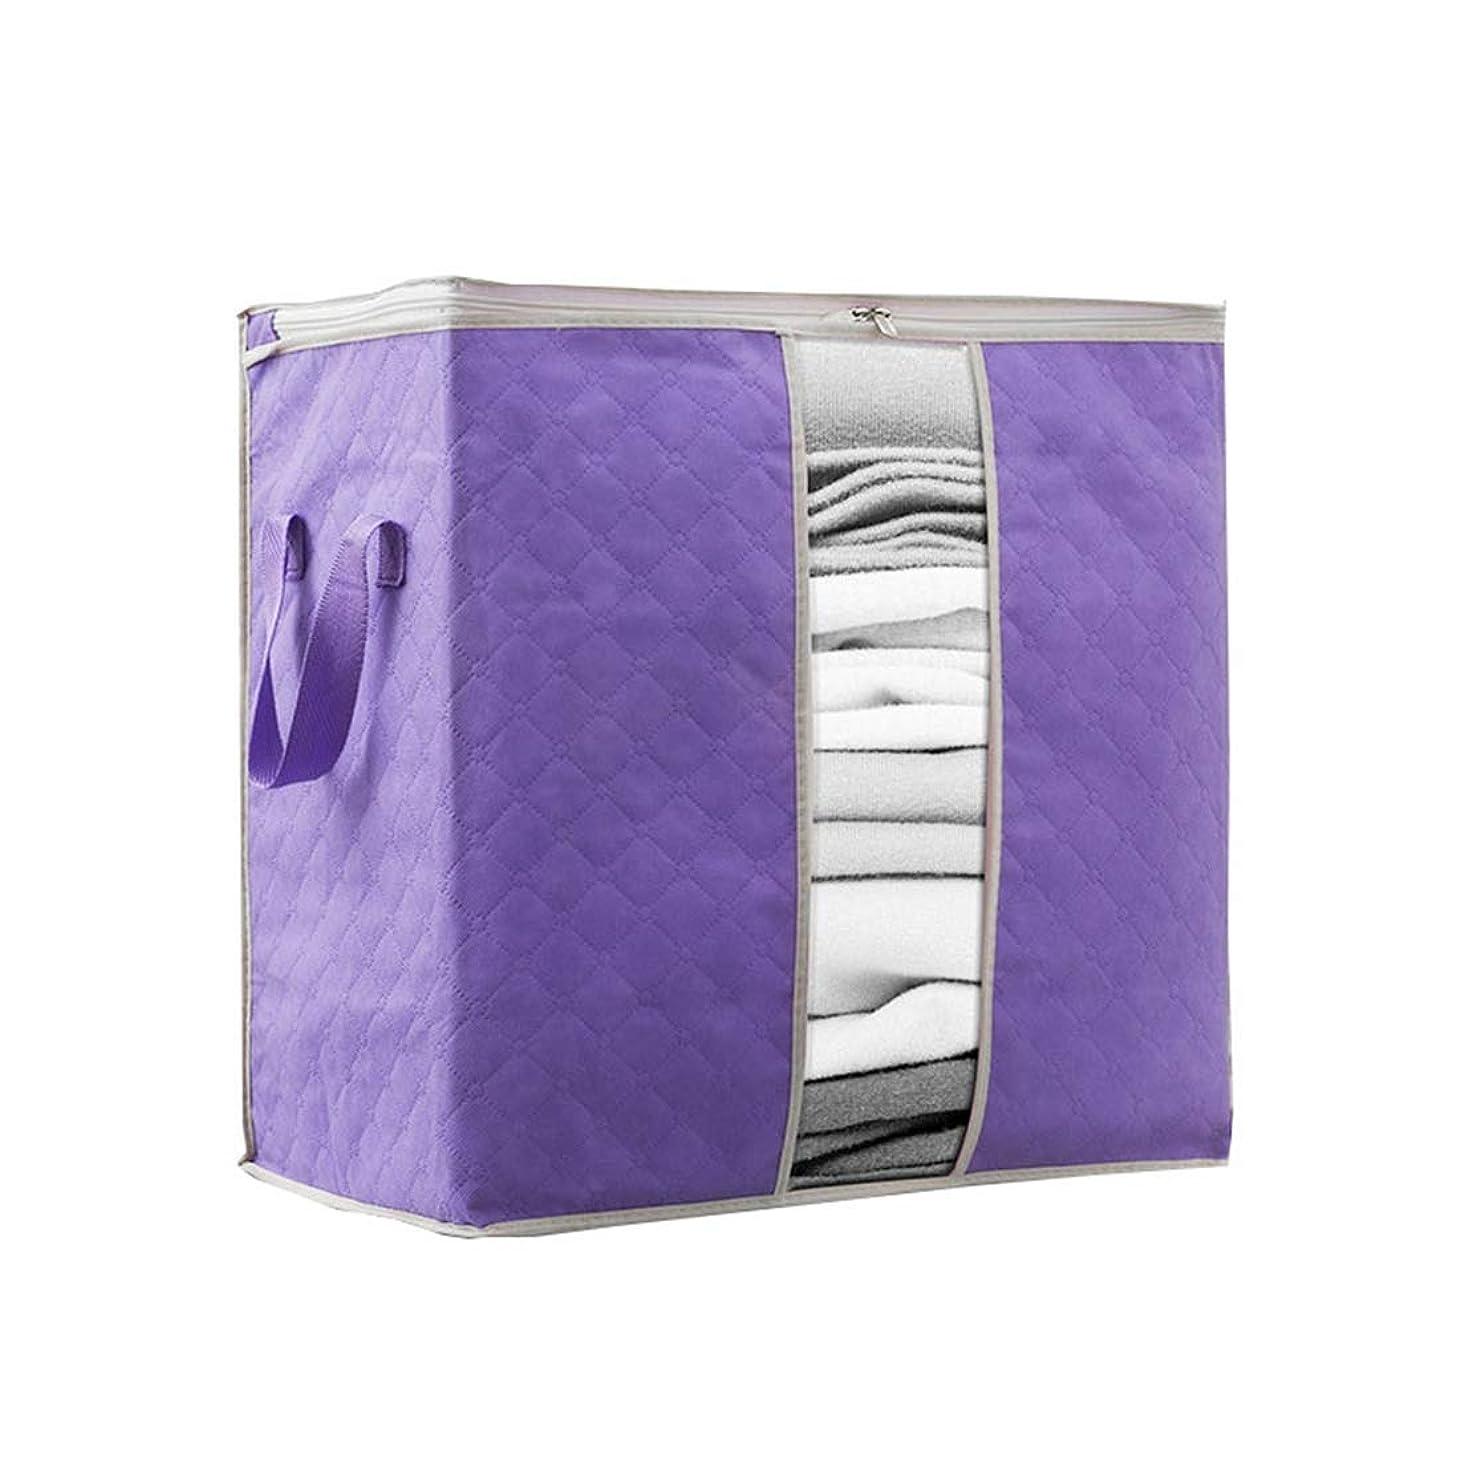 欠伸比較的一般的に言えば[テンカ]衣類収納ケース 布団収納ケース 袋 おしゃれ 厚手 不織布製 大容量 運搬 衣類収納袋 丈夫 撥水バッグ 無地 通気性 防虫 防カビ 折り畳み